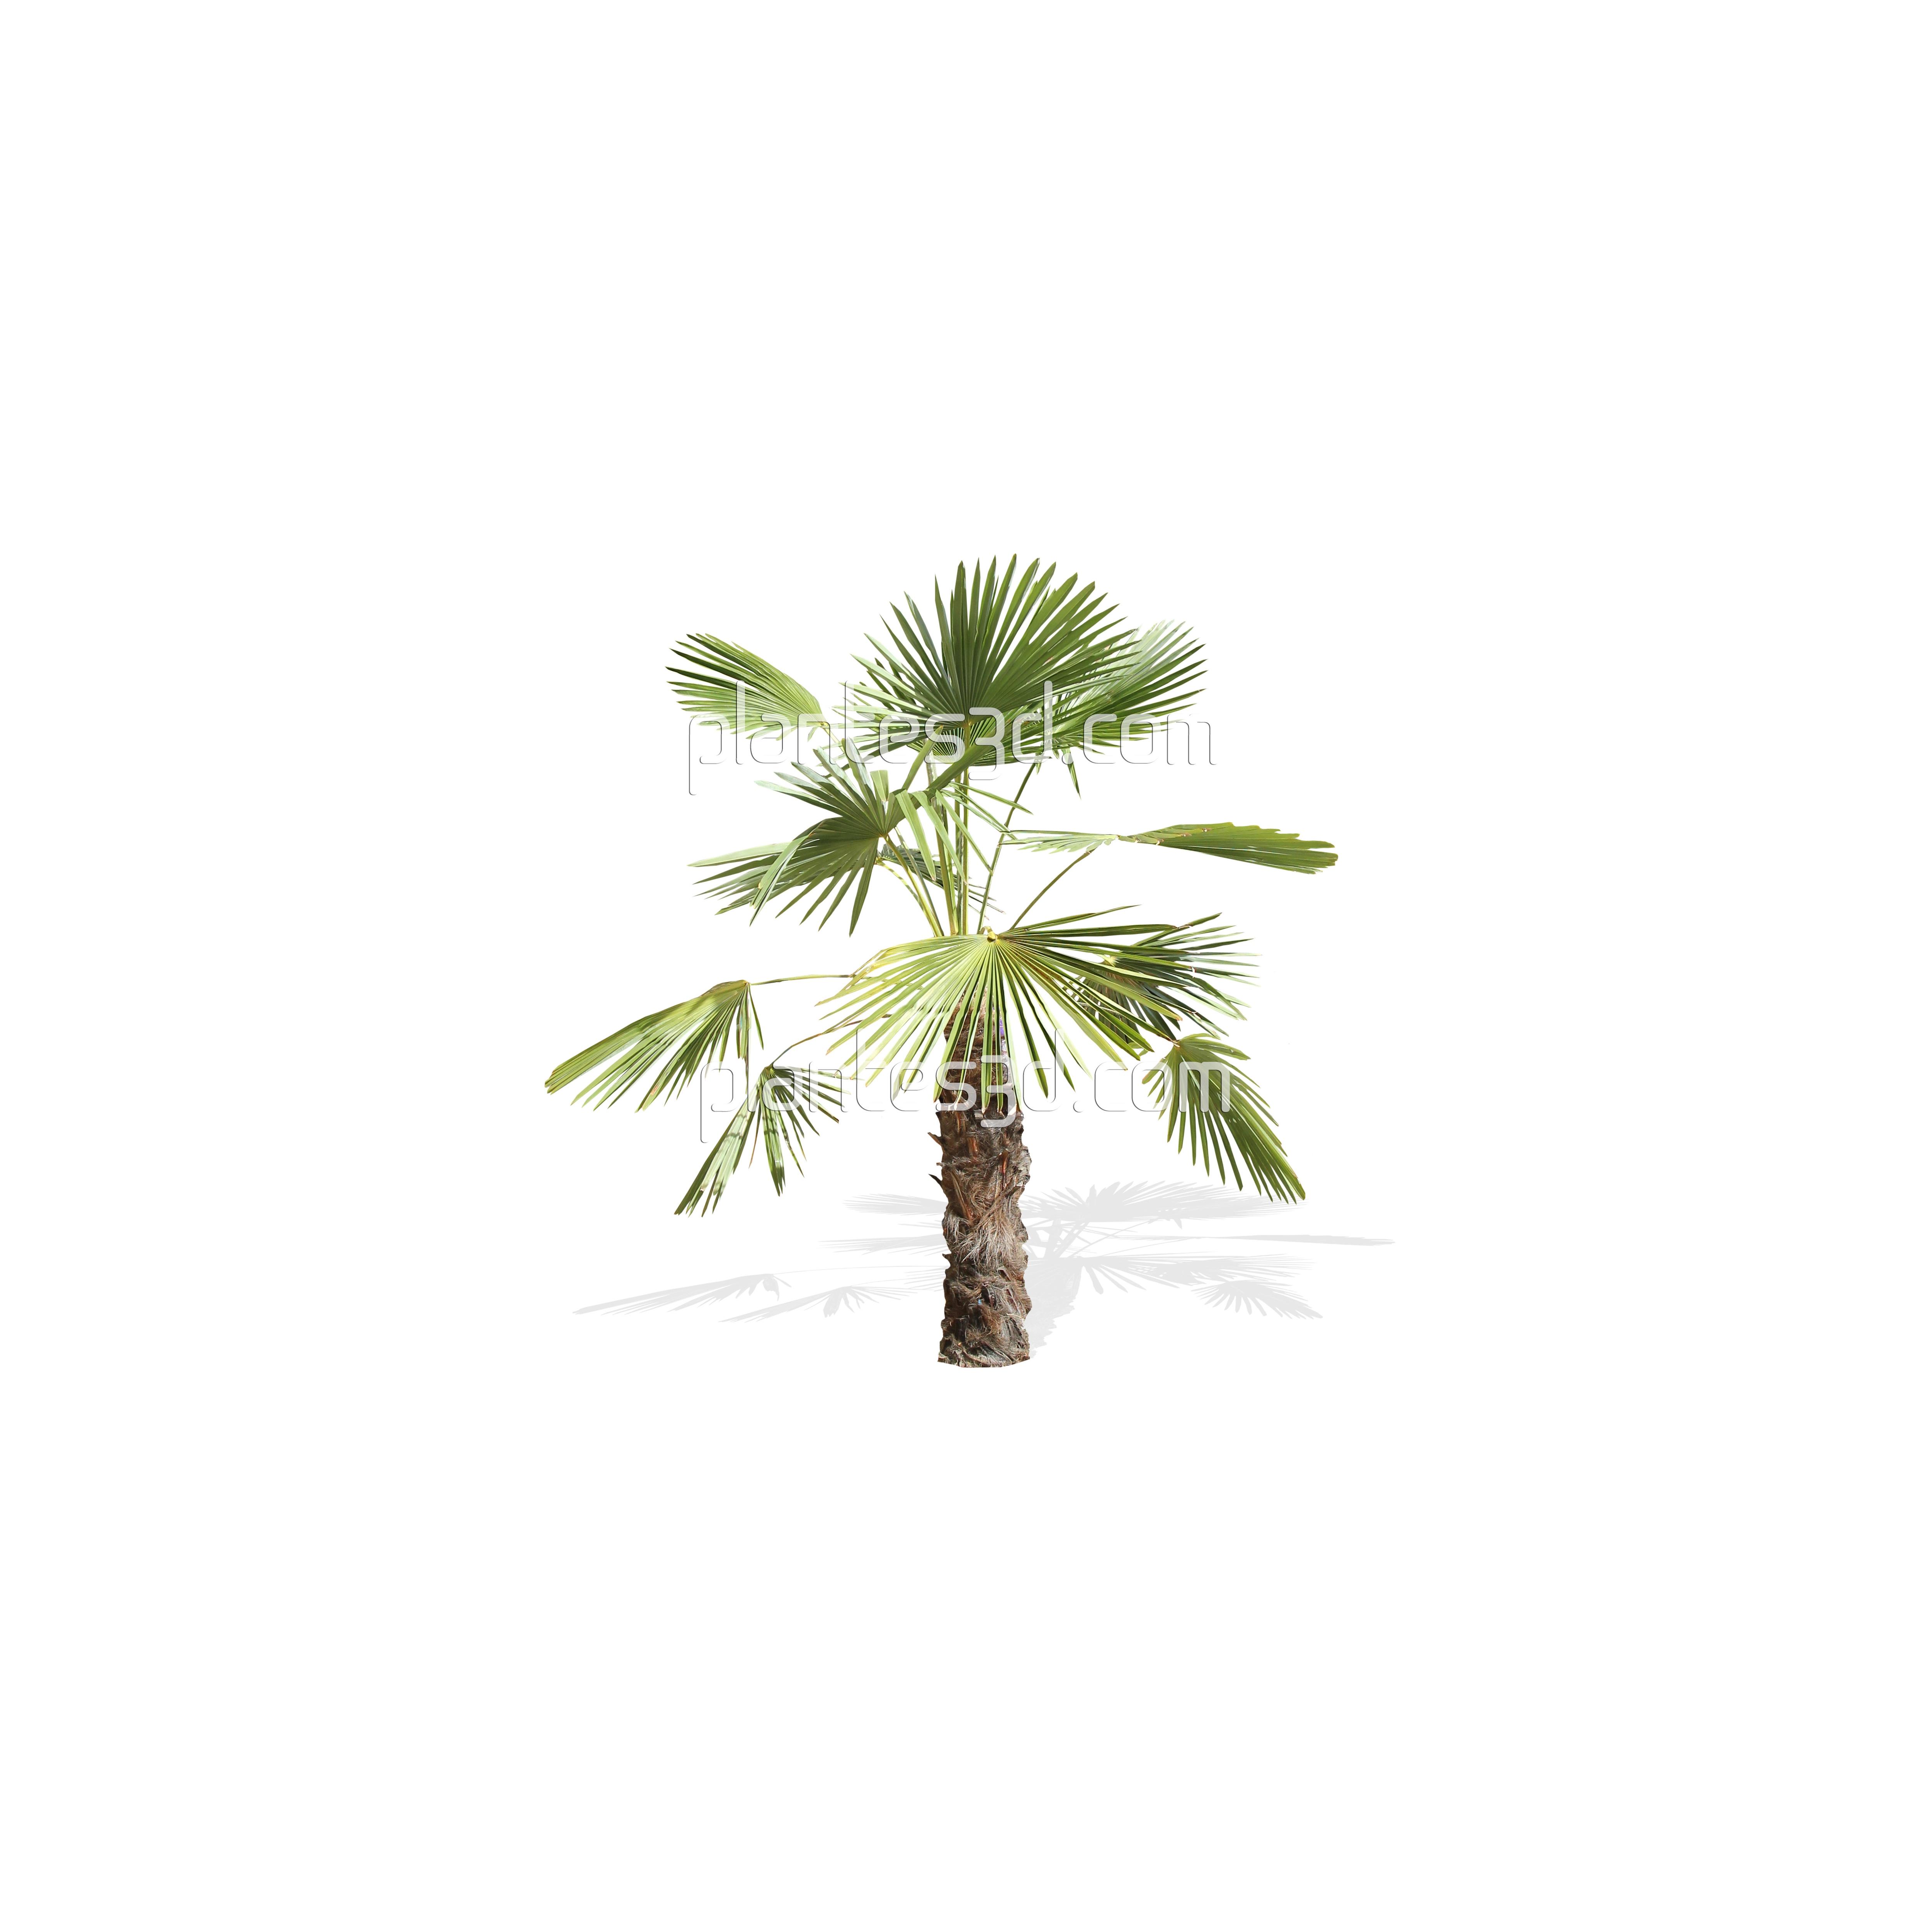 Palmier sur fond transparent trachycarpus pour rendus - Image palmier ...